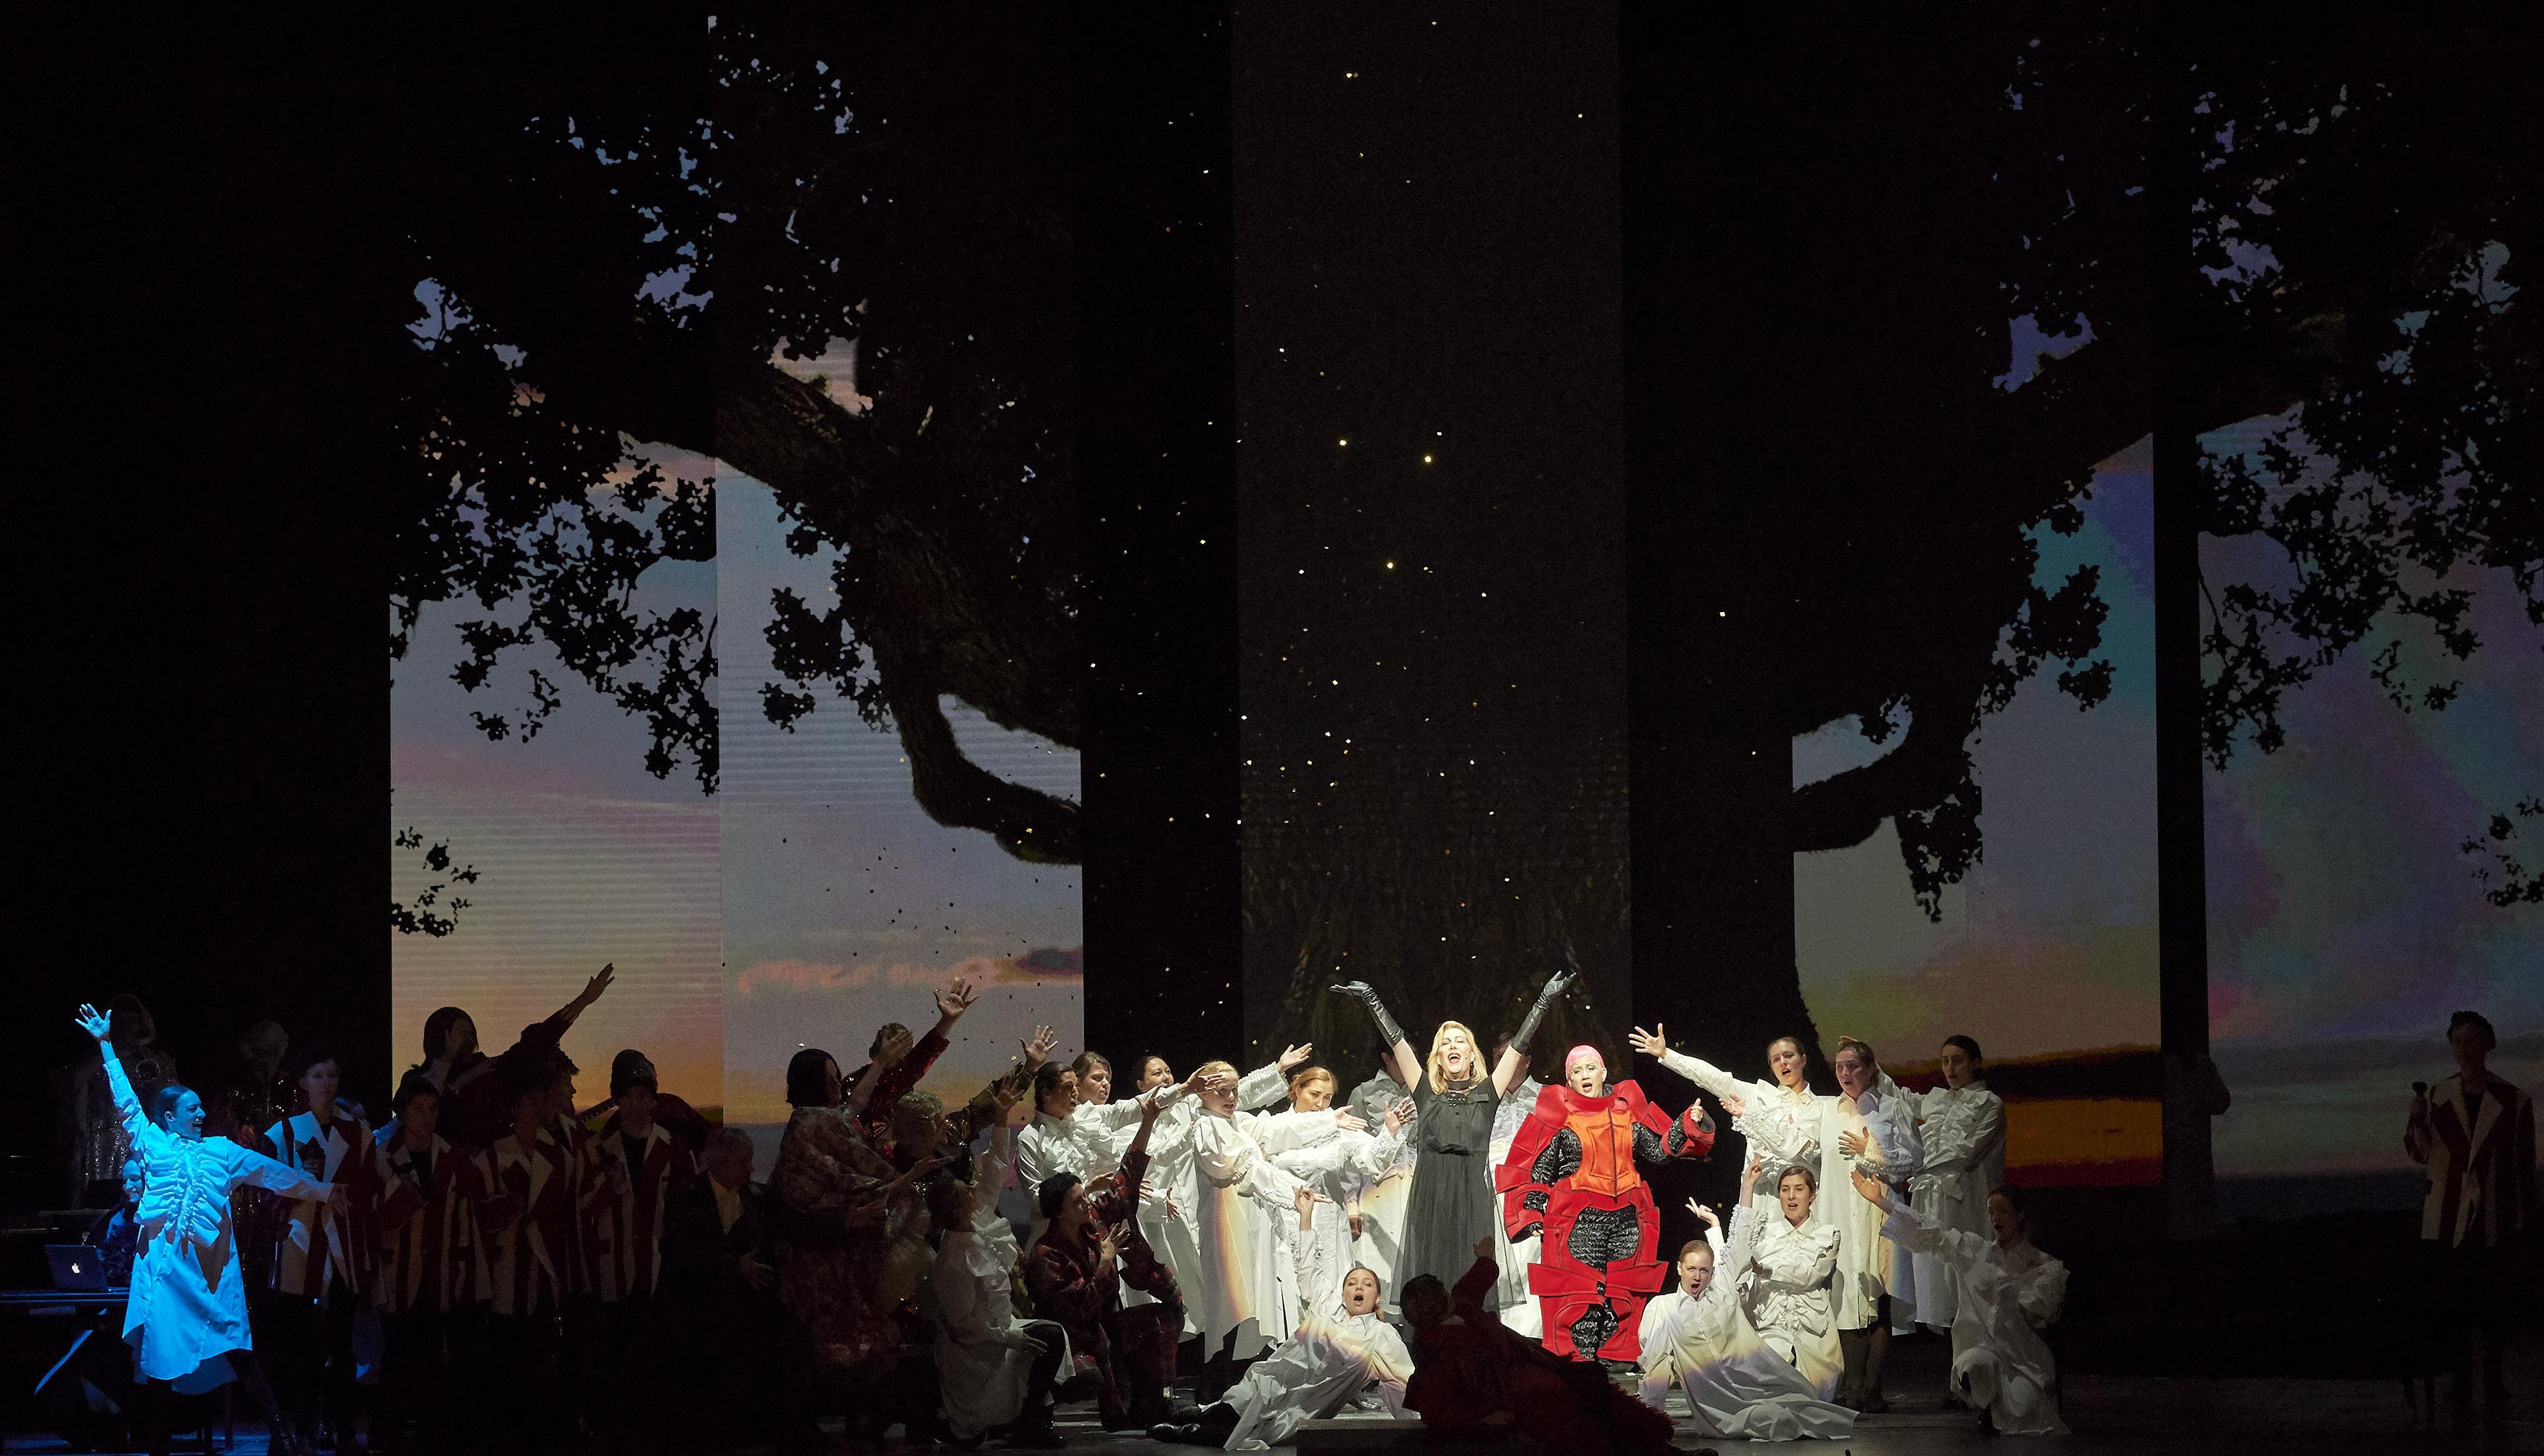 川久保玲為維也納國家歌劇院製作《奧蘭多》戲服 © Wiener Staatsoper / Michael Pöhn